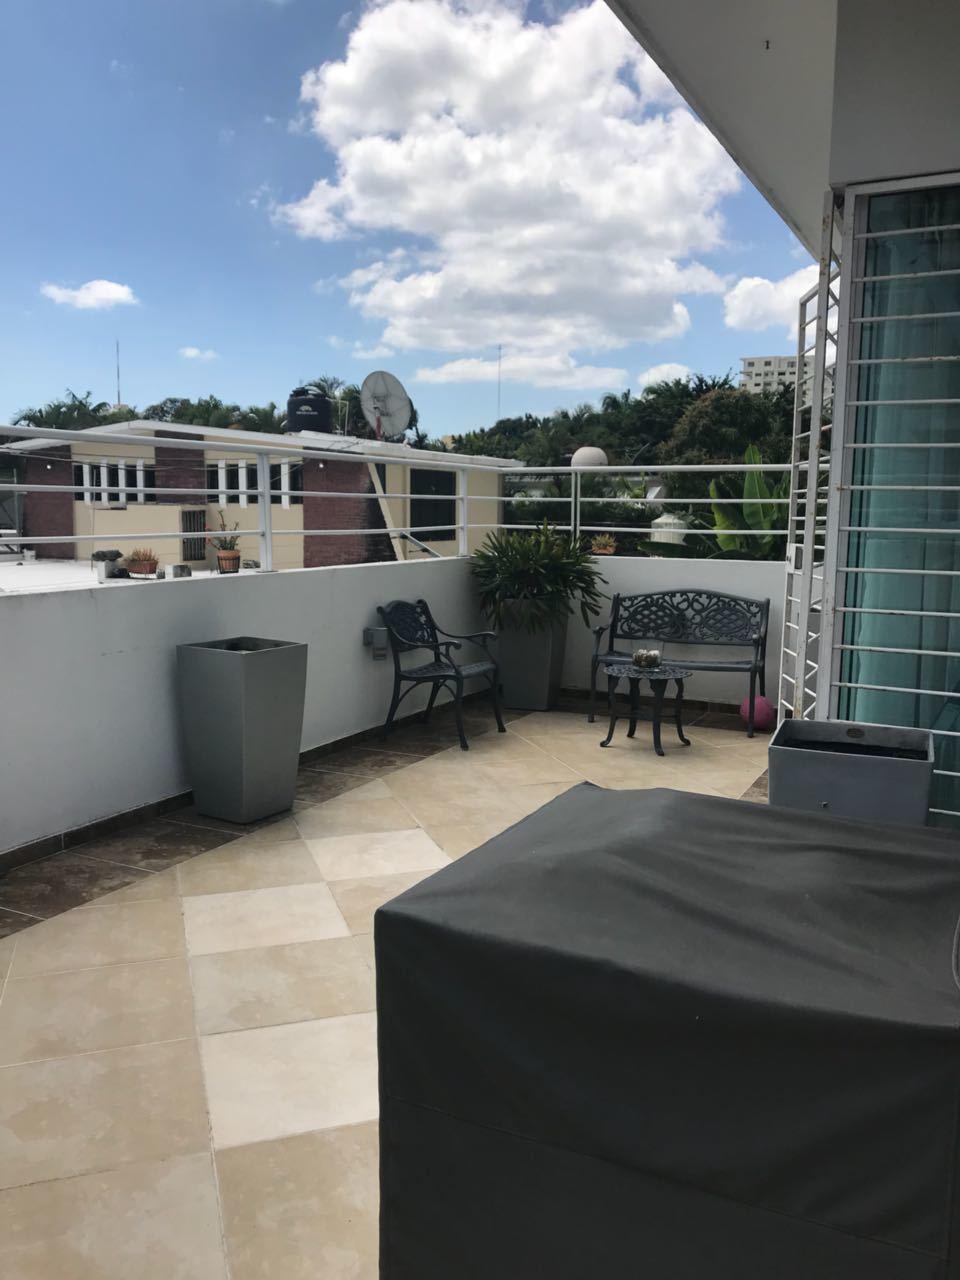 Vendo Apartamento Segundo Piso Con Terraza Naco Easybroker